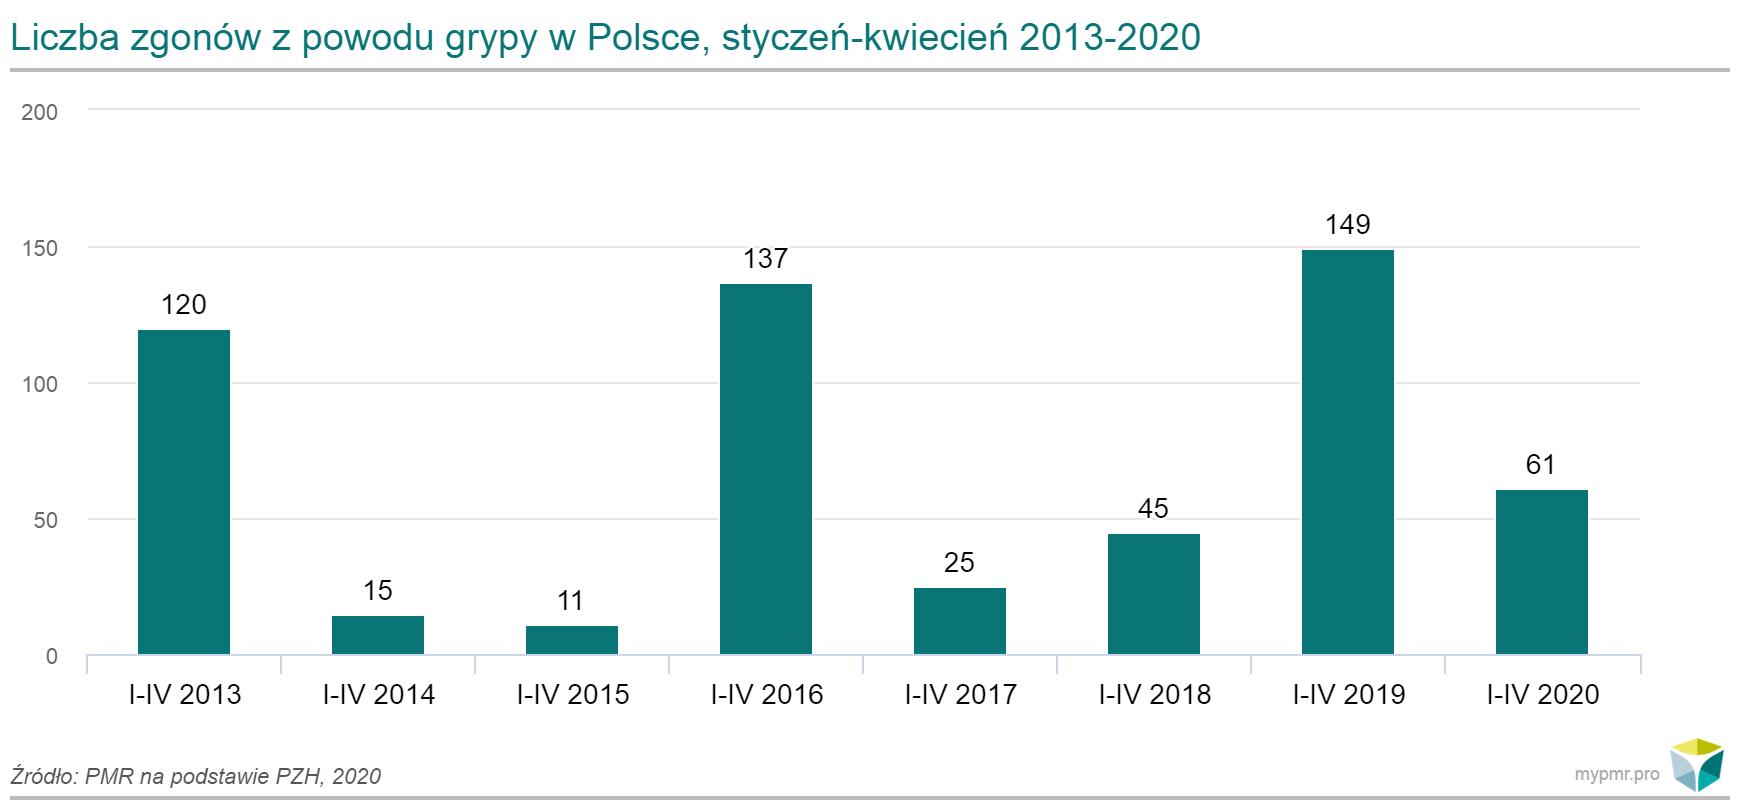 liczba-zgonow-z-powodu-grypy-w-polsce-styczen-kwiecien-2013-2020